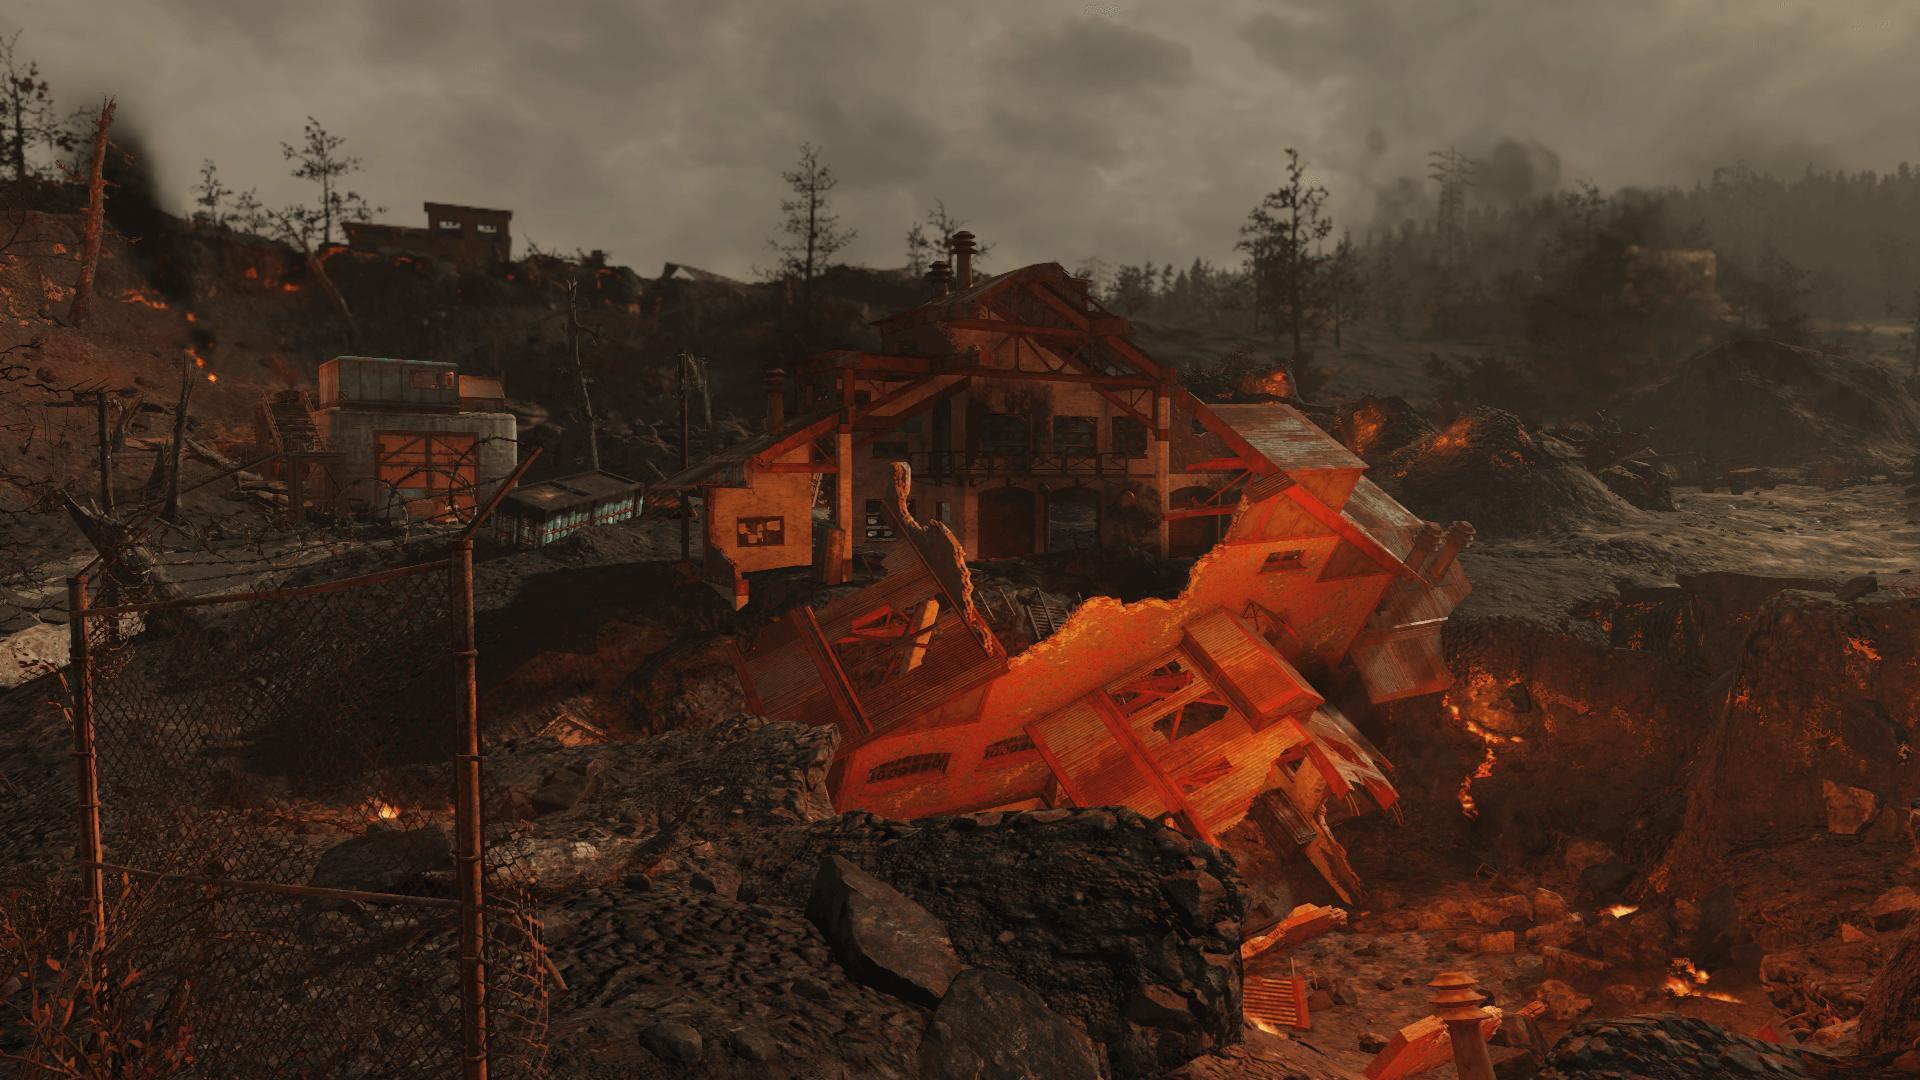 The Burning Mine